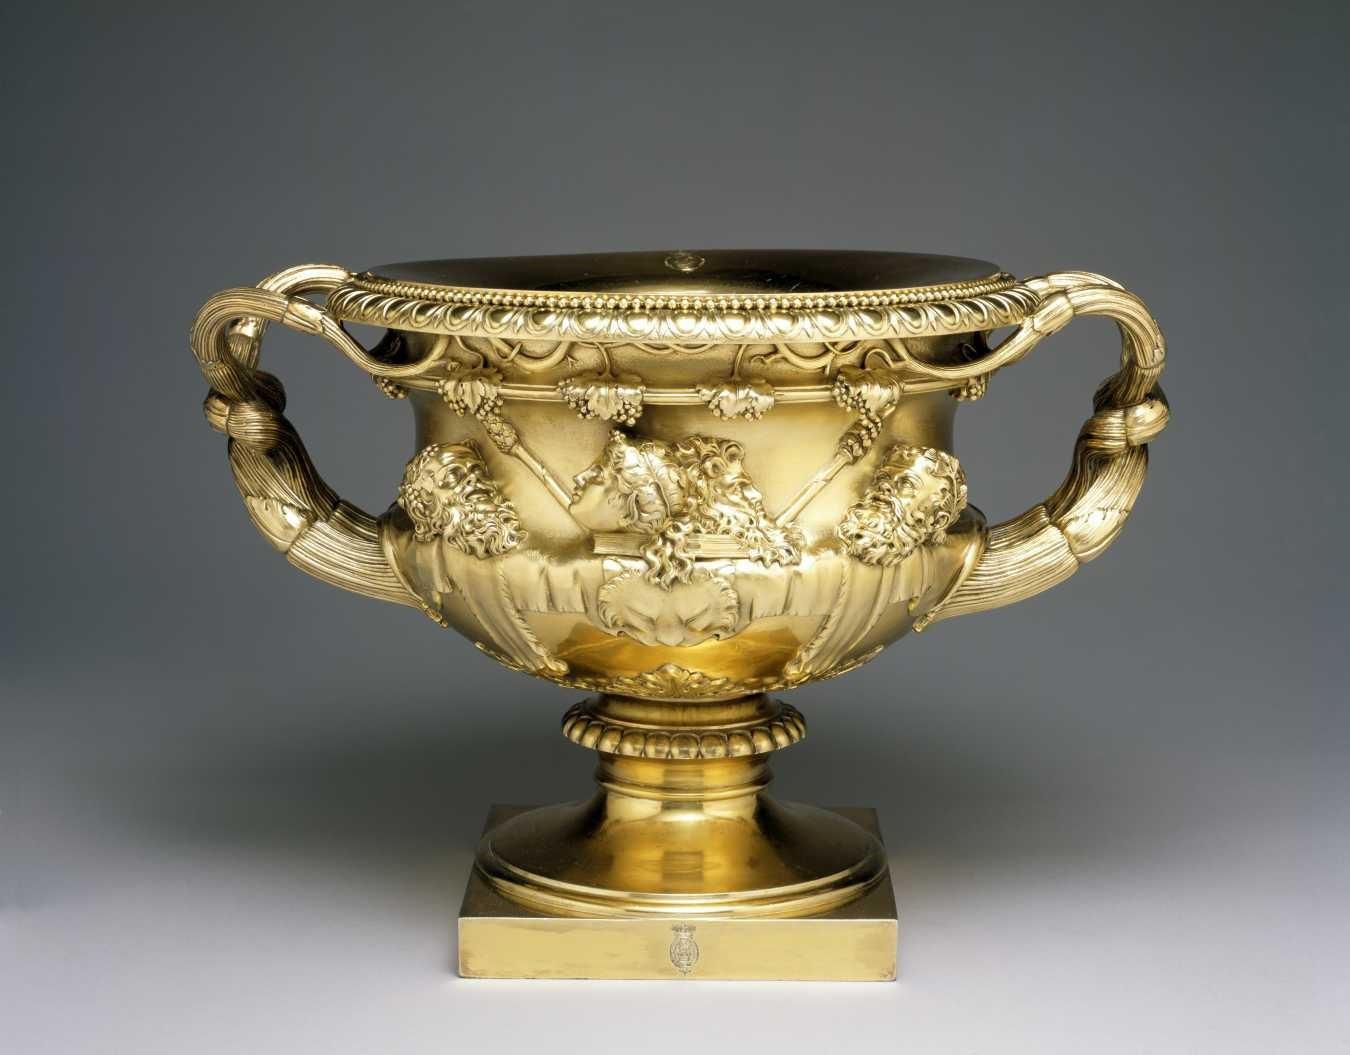 dora maar vase replica of warwick vases at rienzi the museum of fine arts houston regarding wine cooler